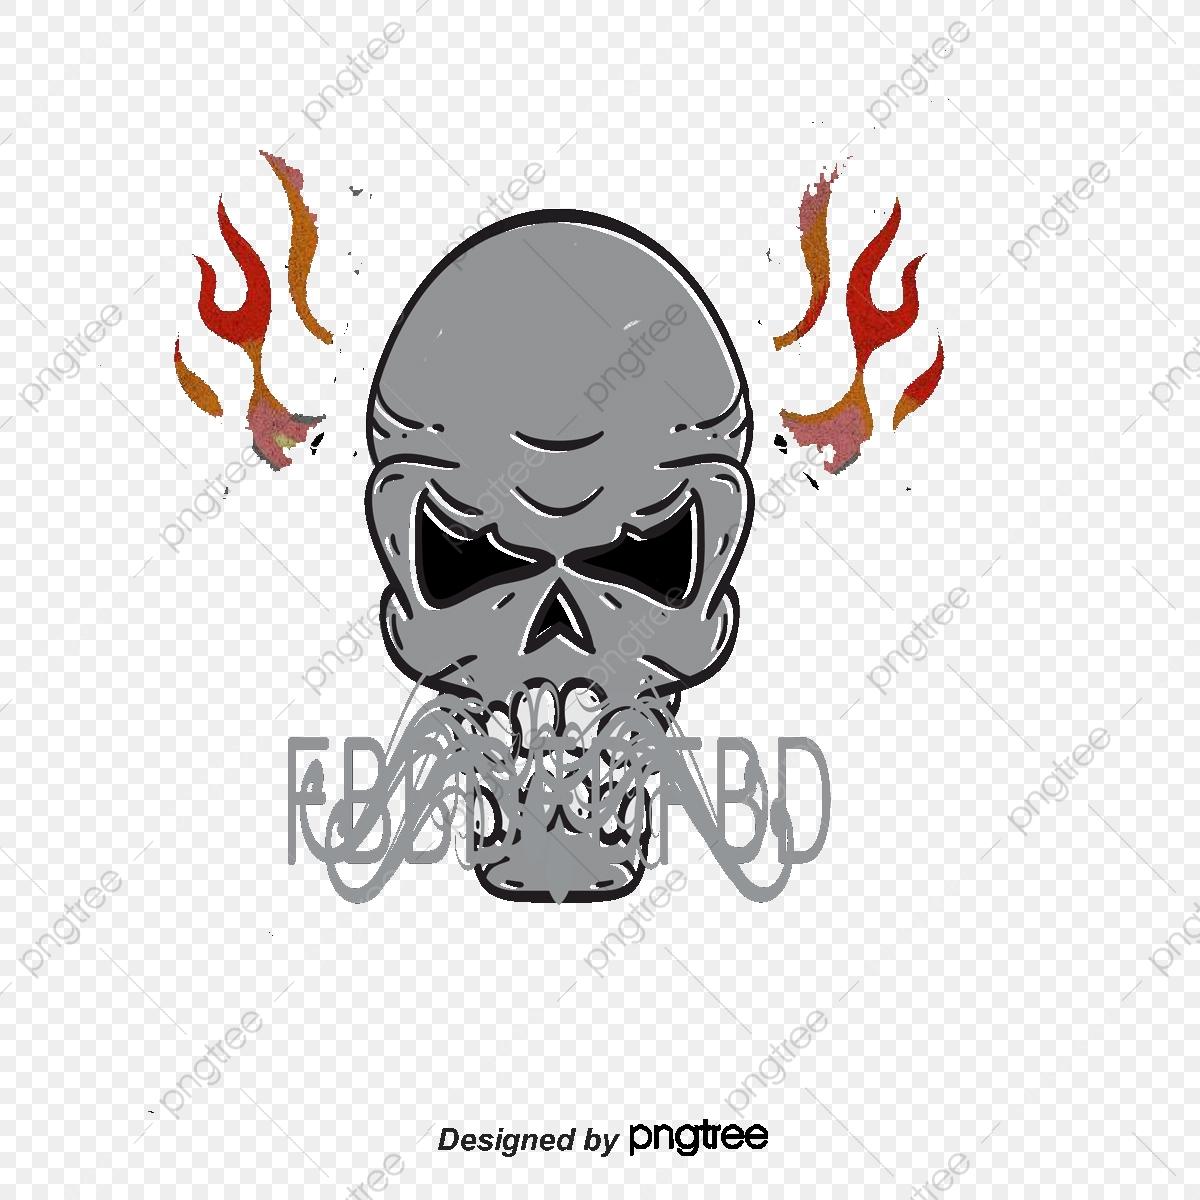 Skull Tattoo, Tattoo Renderings, Skull, Cool Tattoos PNG Transparent.